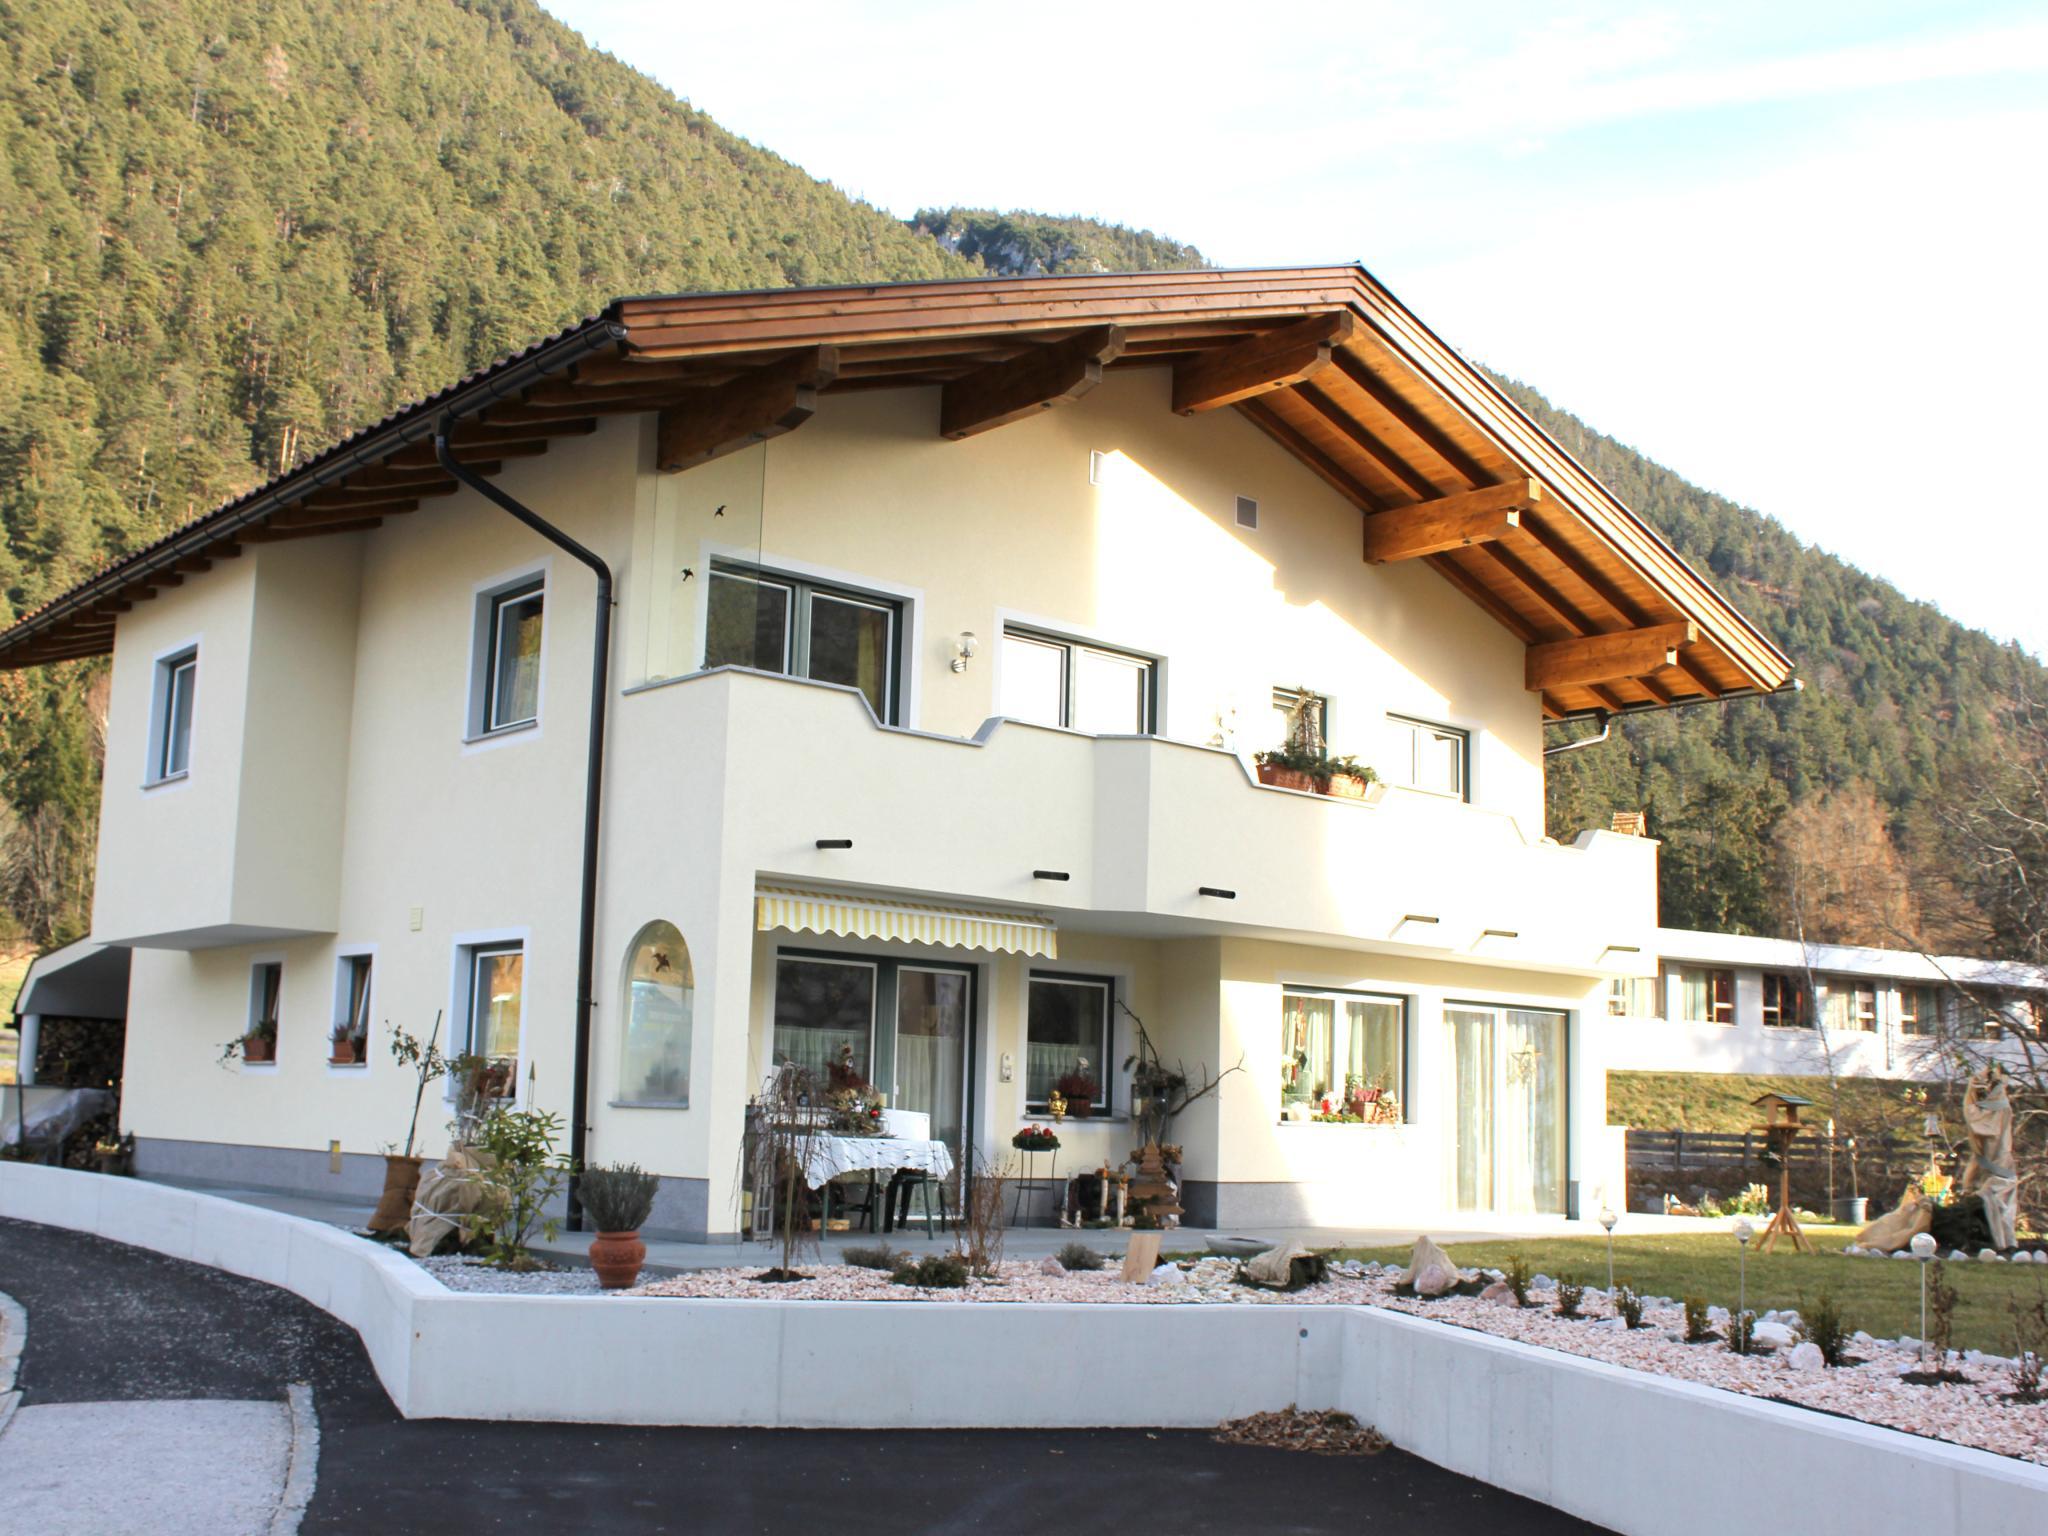 Landhaus Theresia II Tirol